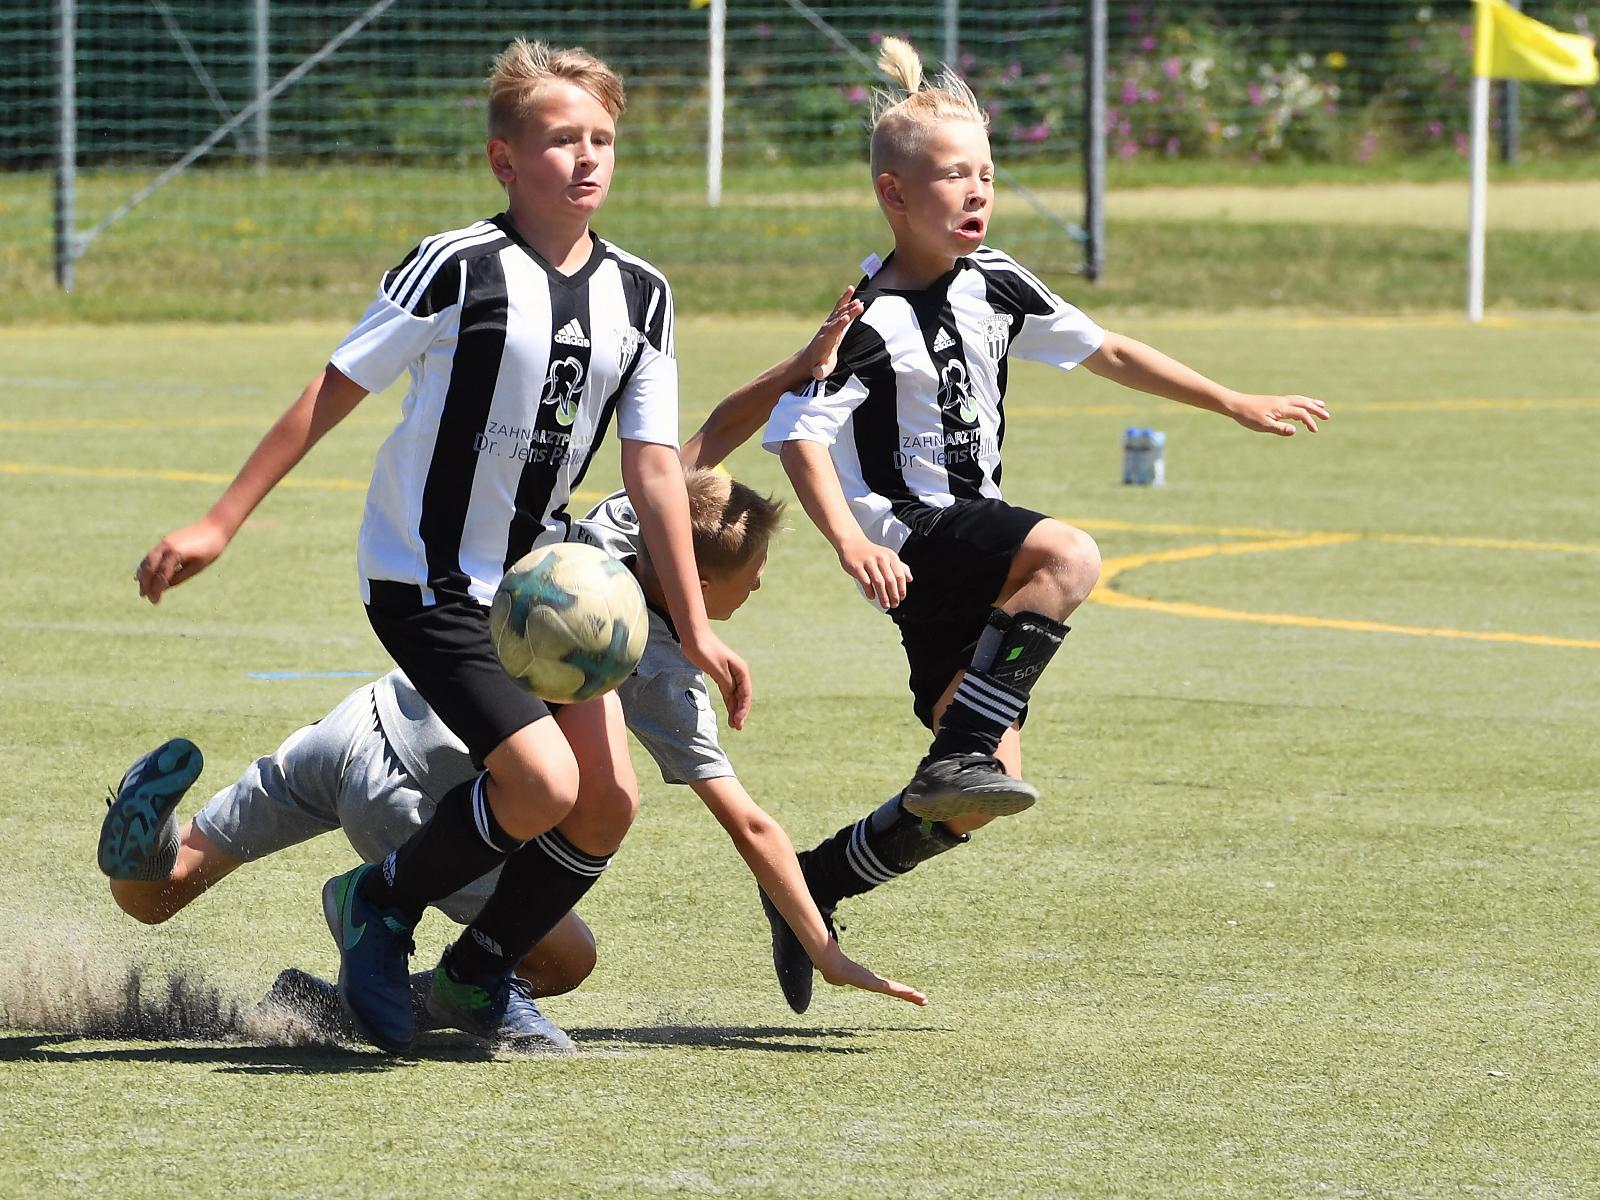 Die jungen Kicker auf dem Rasen